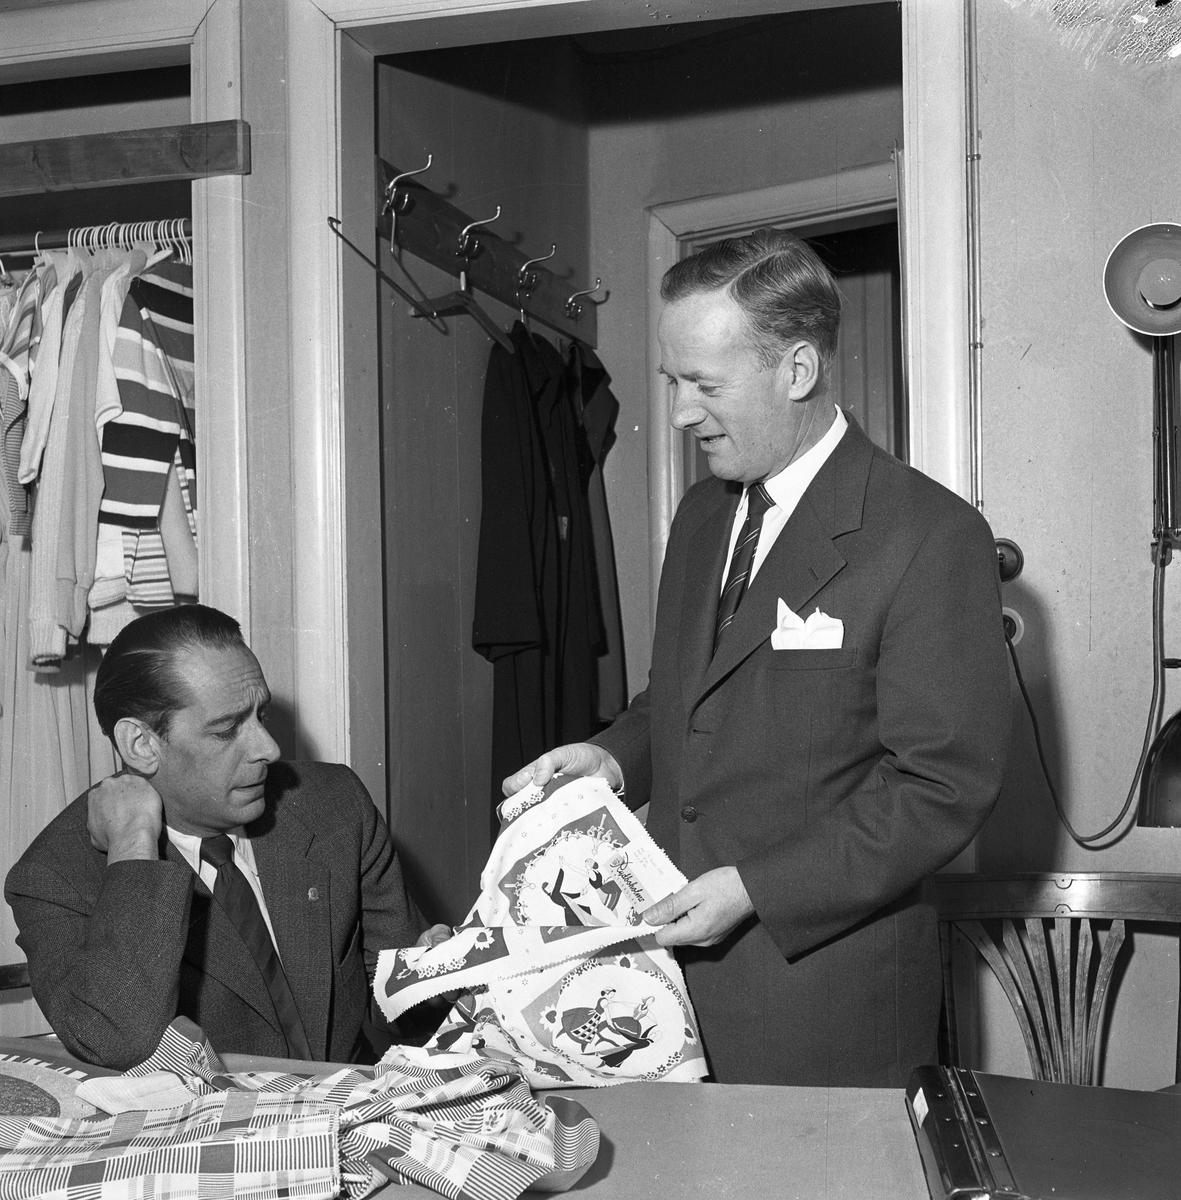 Öhrman & Melander. Interiör. Arne Öhrman (till vänster) har besök av en försäljare.